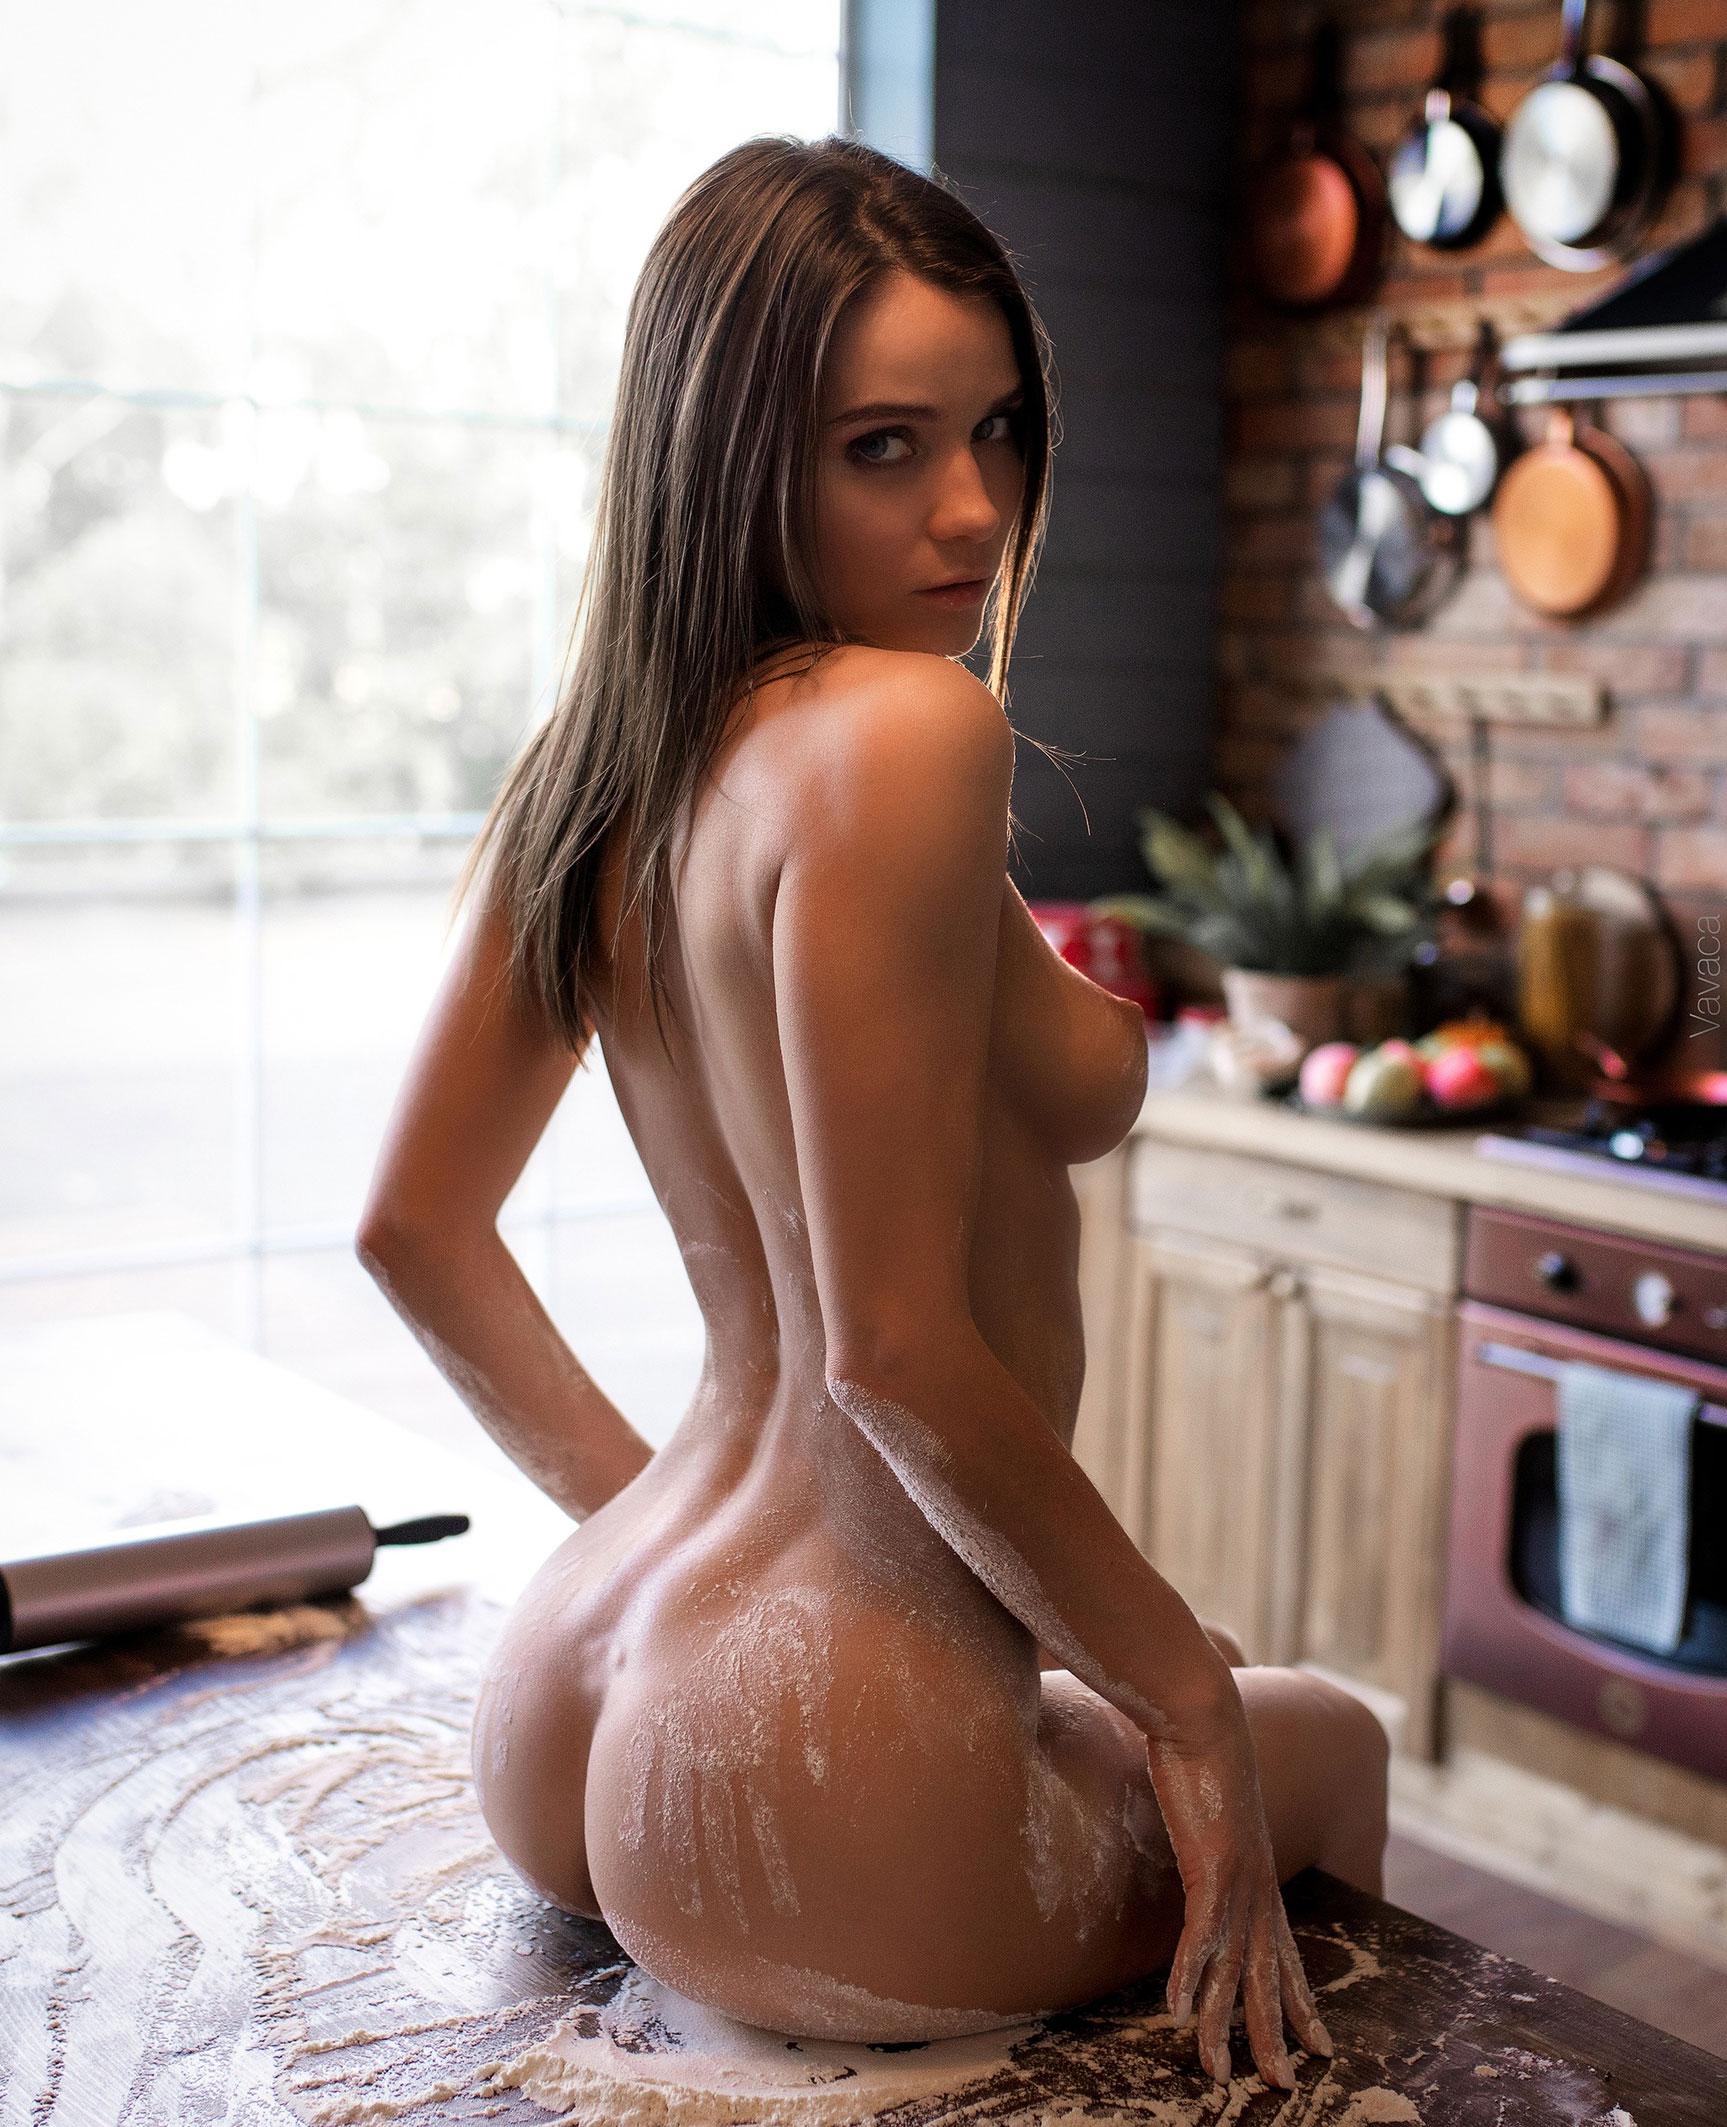 Кухня мечты - голая Кристина Макарова готовит из муки и фруктов / фото 09